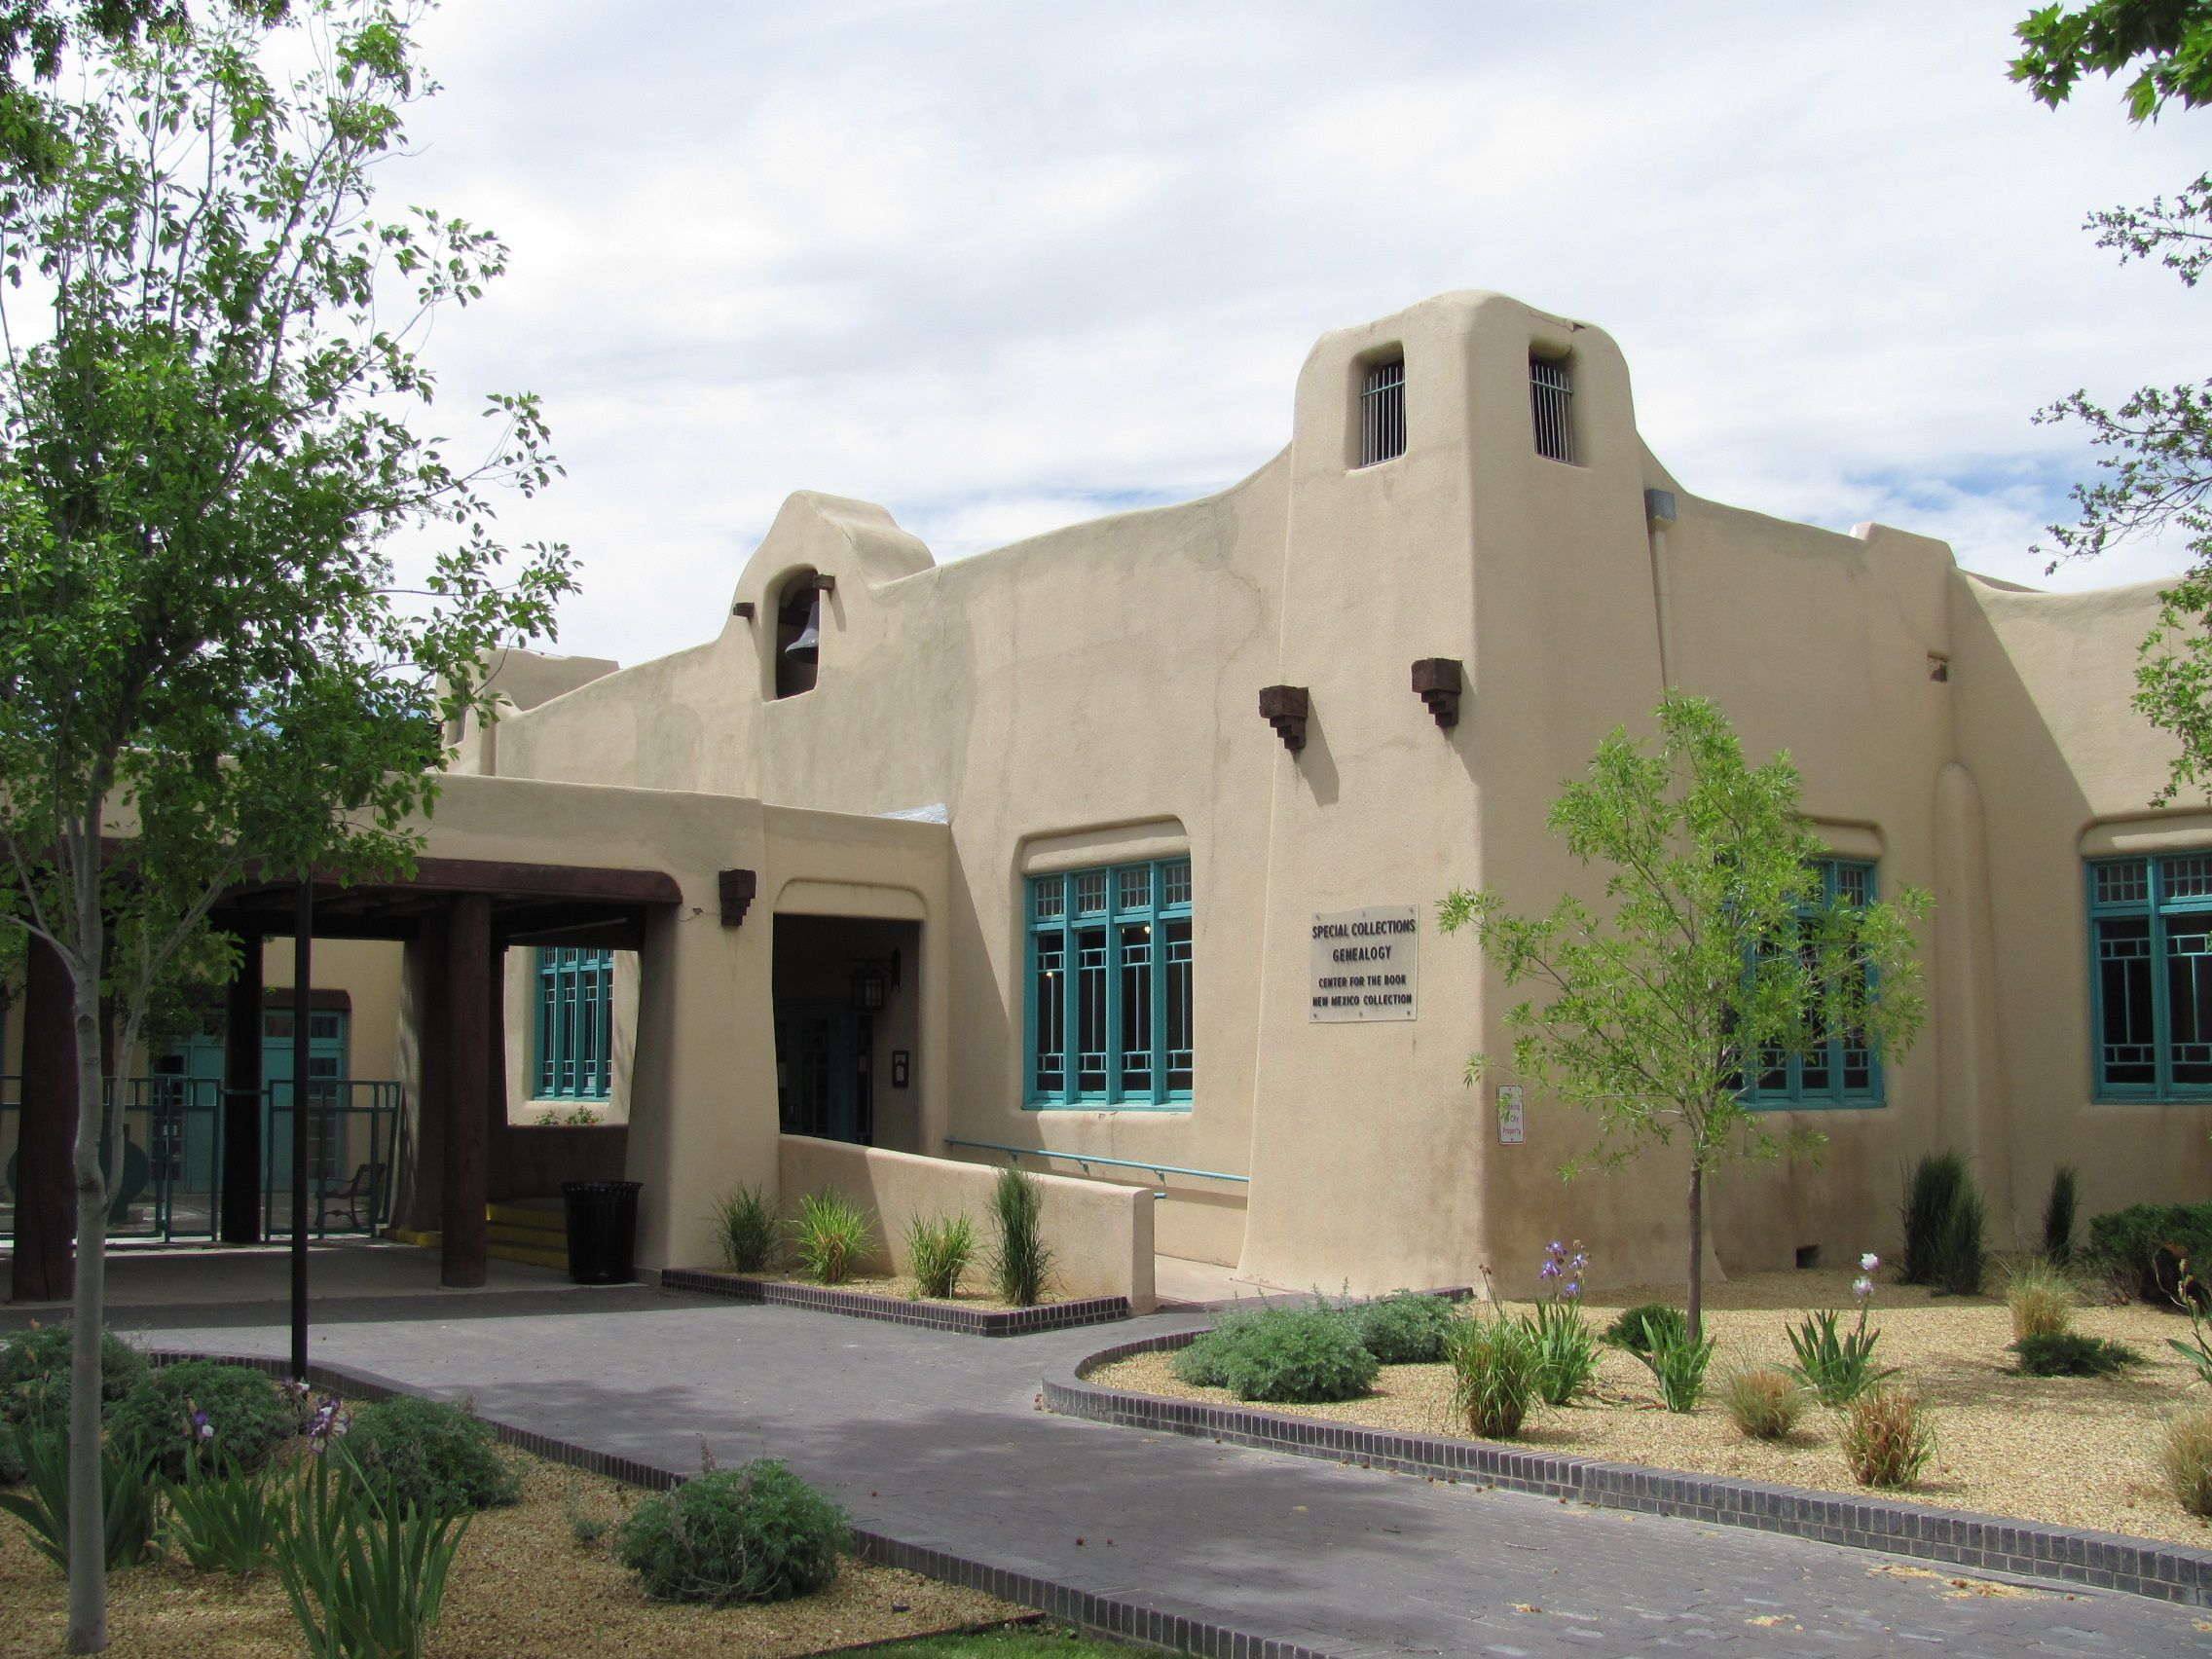 Taylor Ranch Neighborhood In Albuquerque